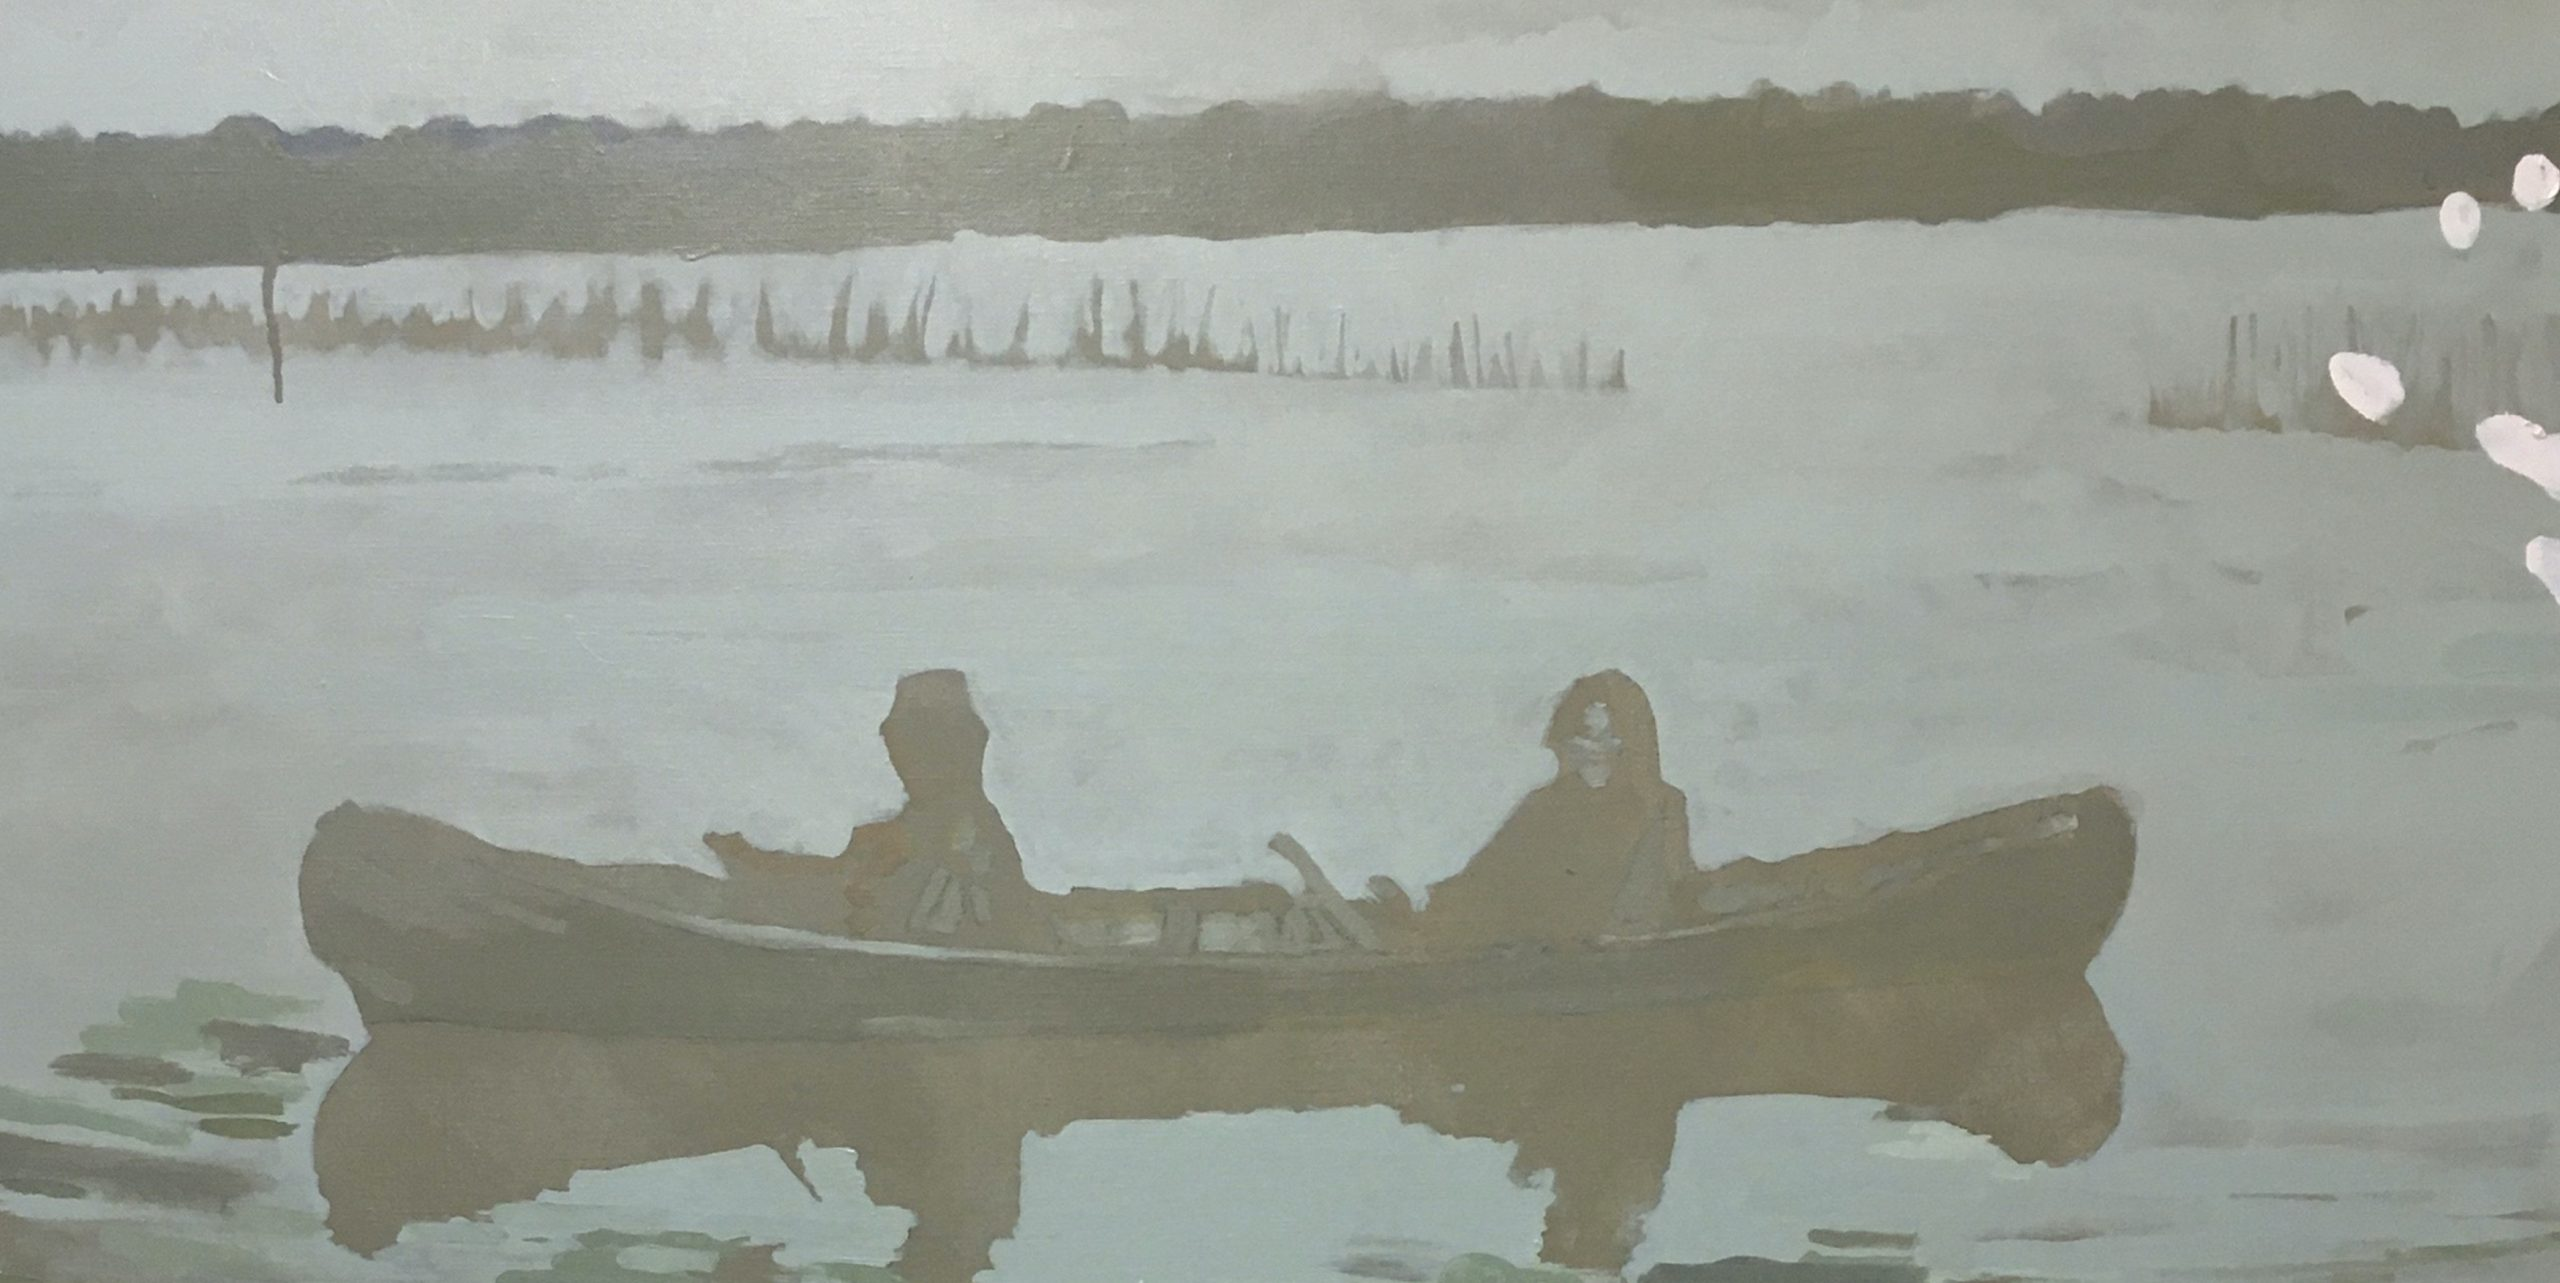 Huile sur toile de Thomas Loyatho, barque sur l'eau et geste pictural, représenté par la galerie Virginie Baro